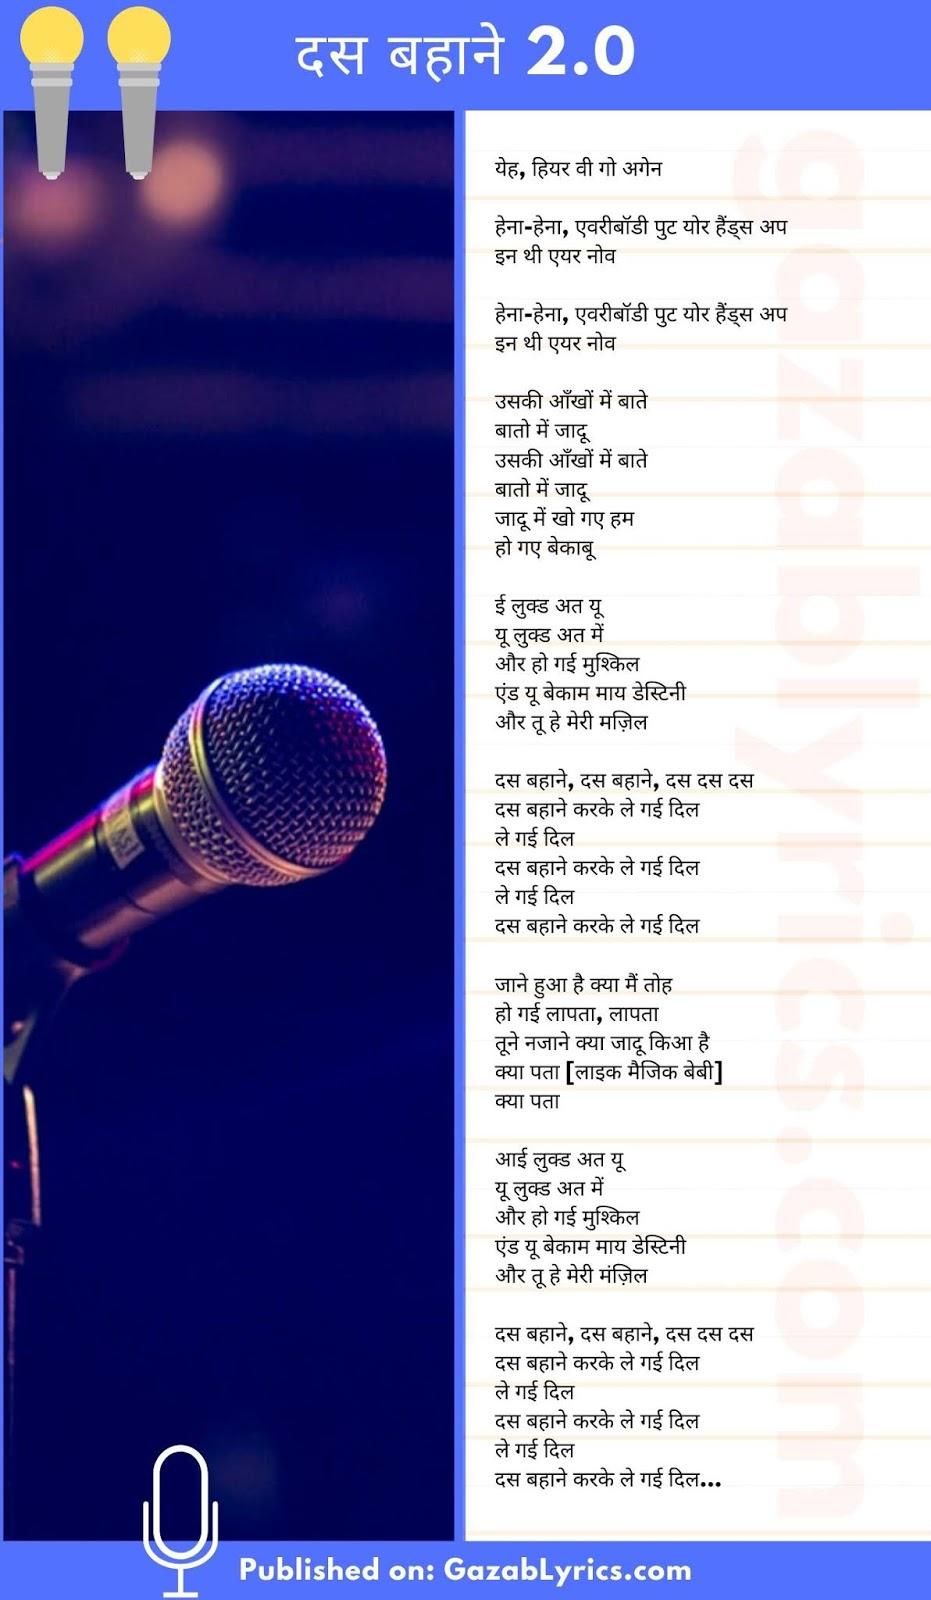 Dus Bahane 2.0 song lyrics image